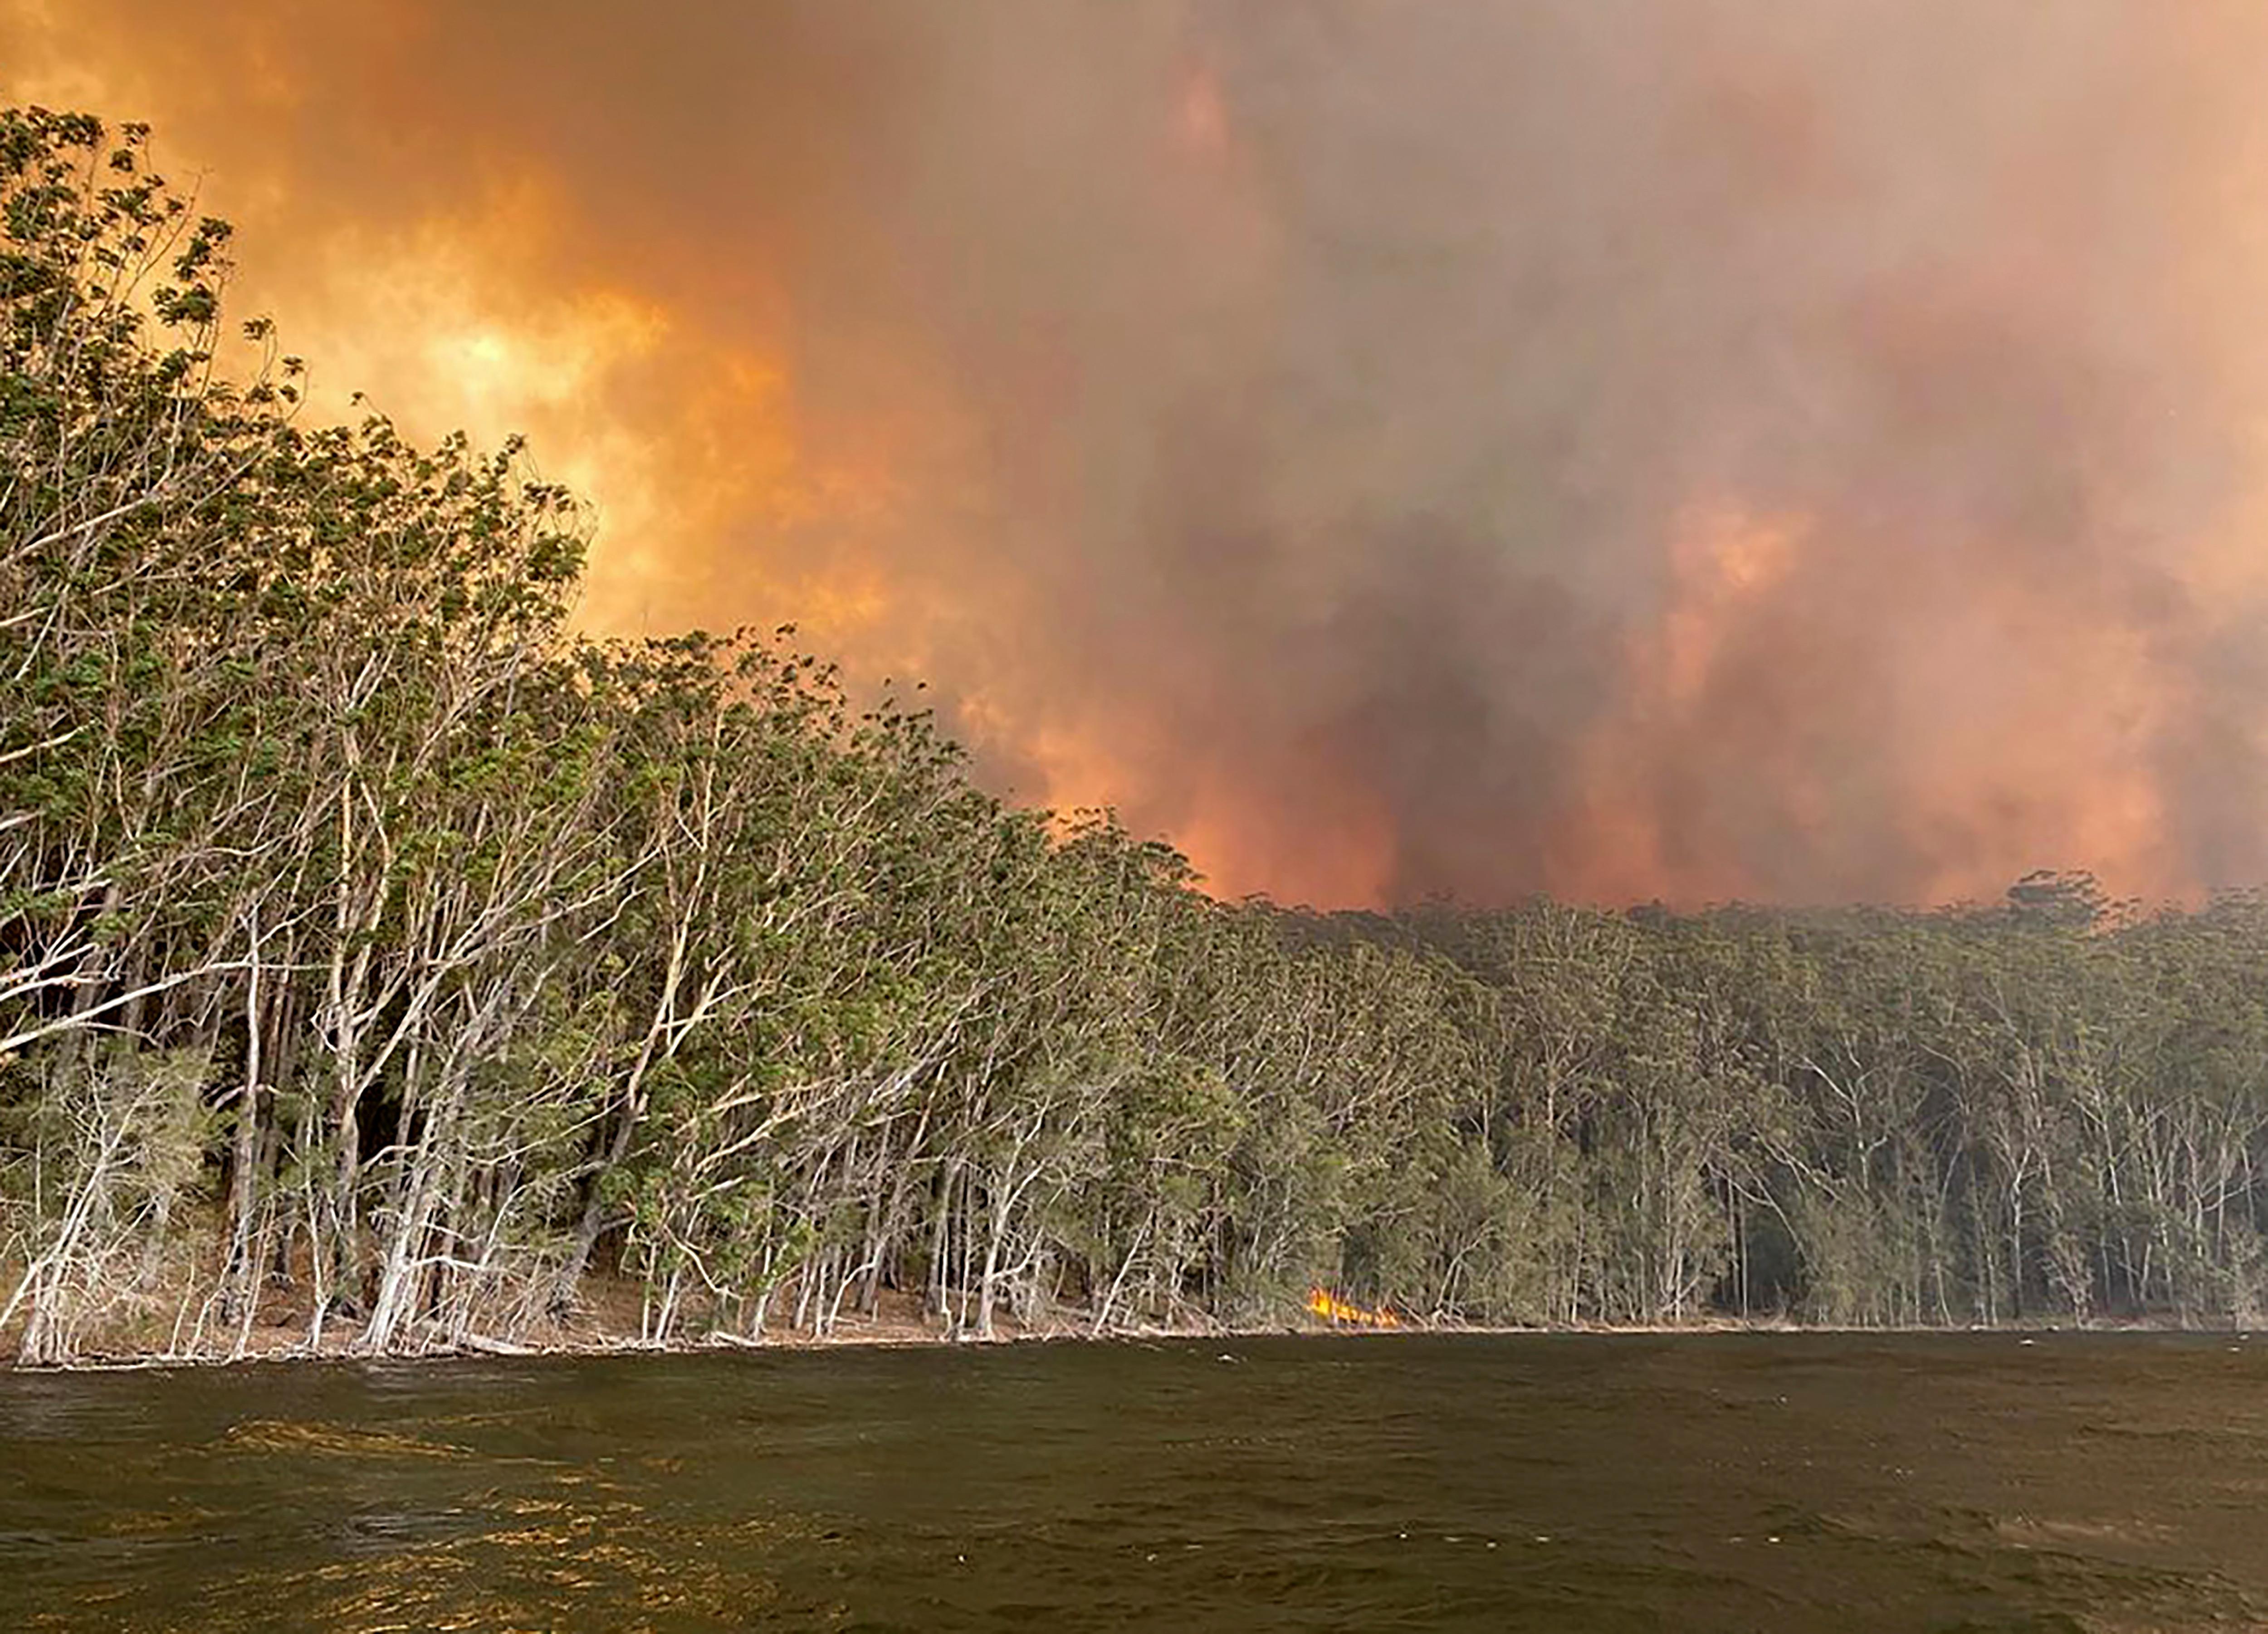 Fires burning at Lake Conjola, New South Wales